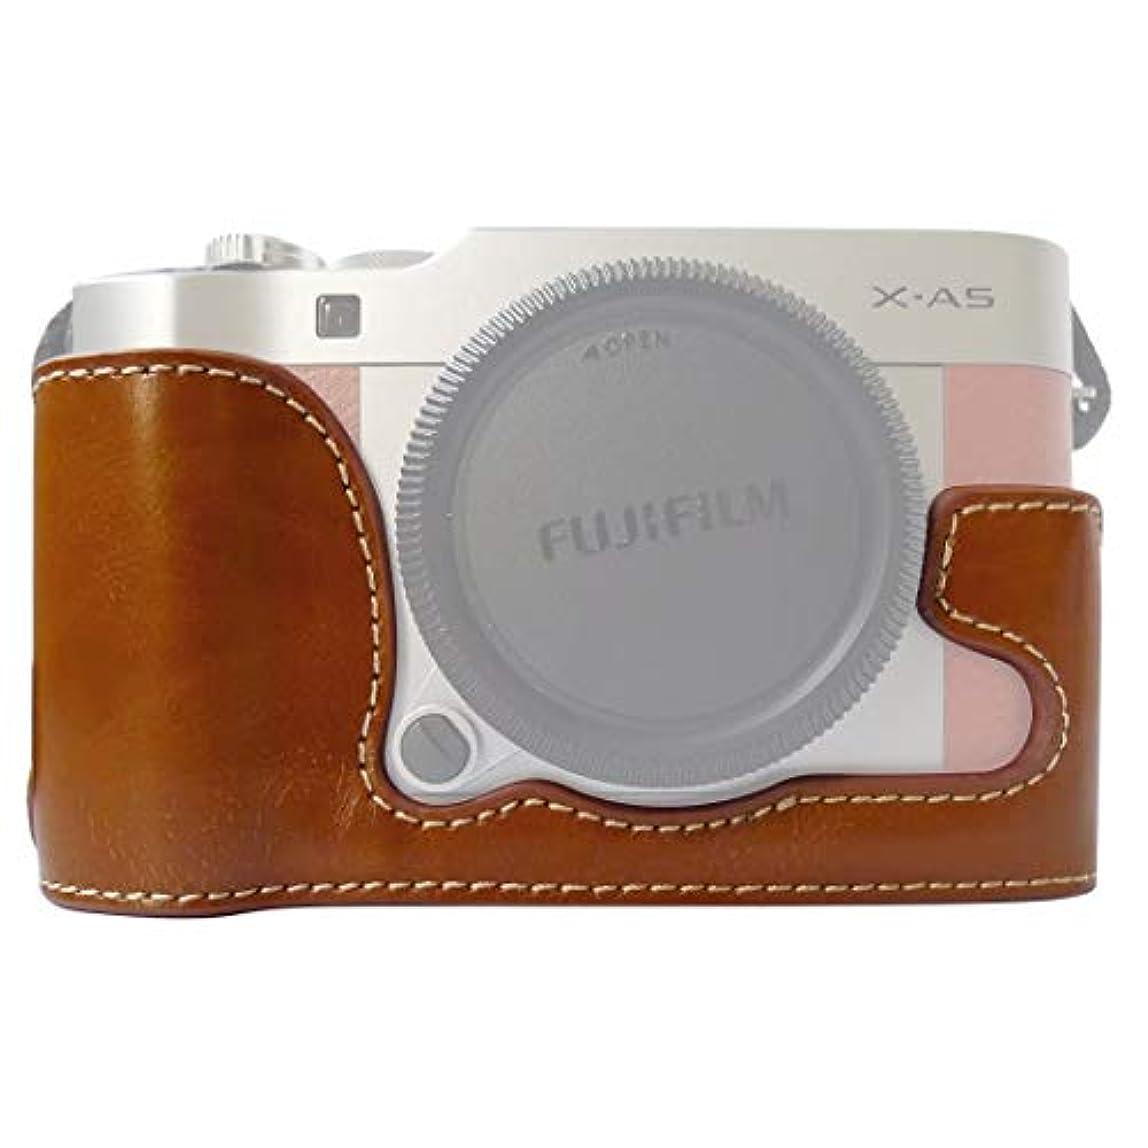 リダクター撃退する補償カメラバッグケース、 FUJIFILM X-A5 / X-A20用1/4インチスレッドPUレザーカメラケースベース (色 : Brown)